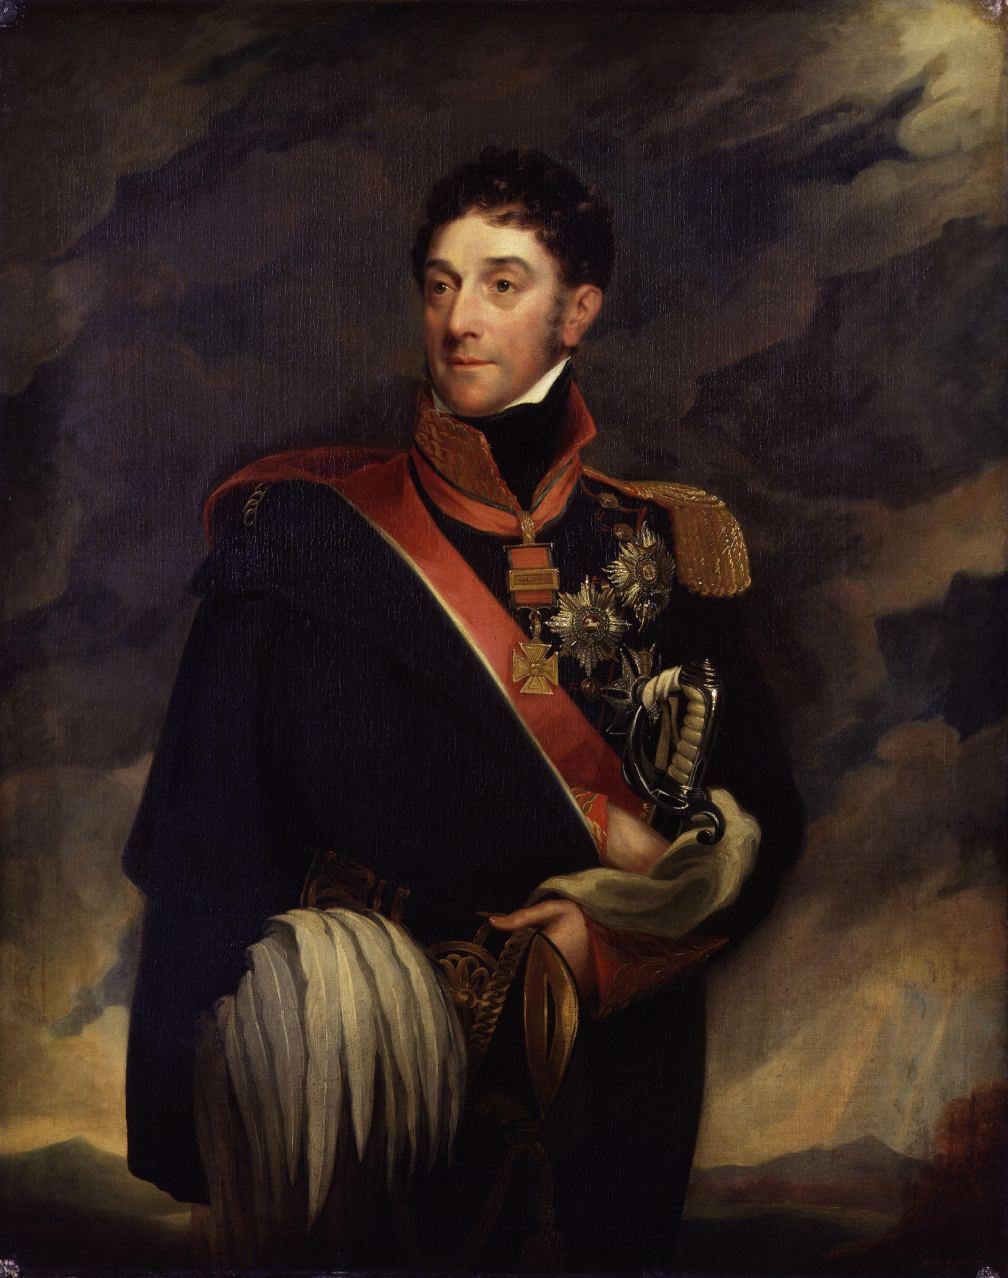 Sir Stapleton Cotton